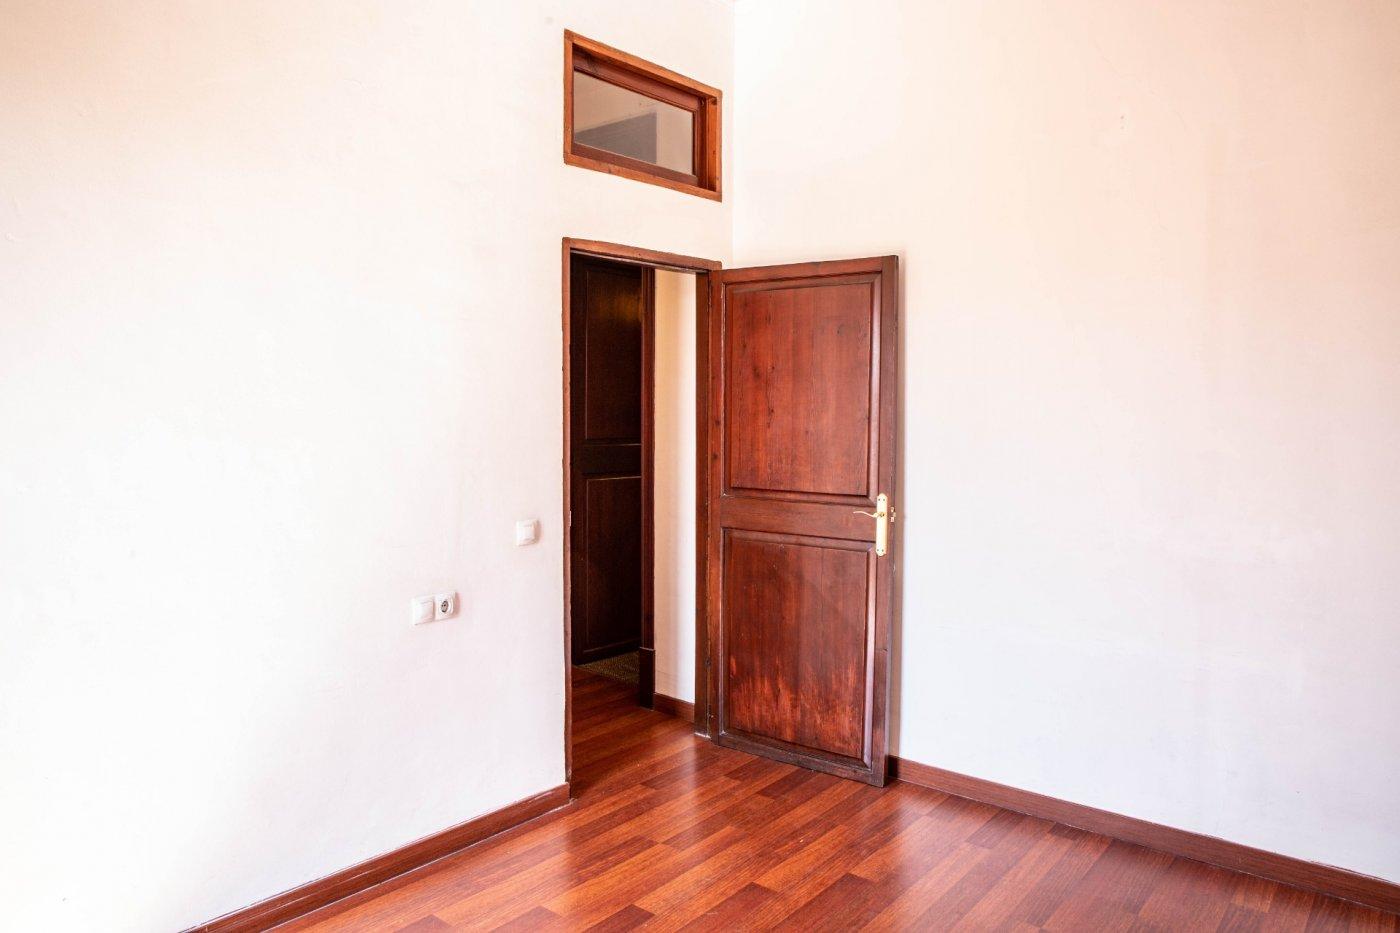 Precioso piso antiguo con mucho carácter en el centro de palma - imagenInmueble17